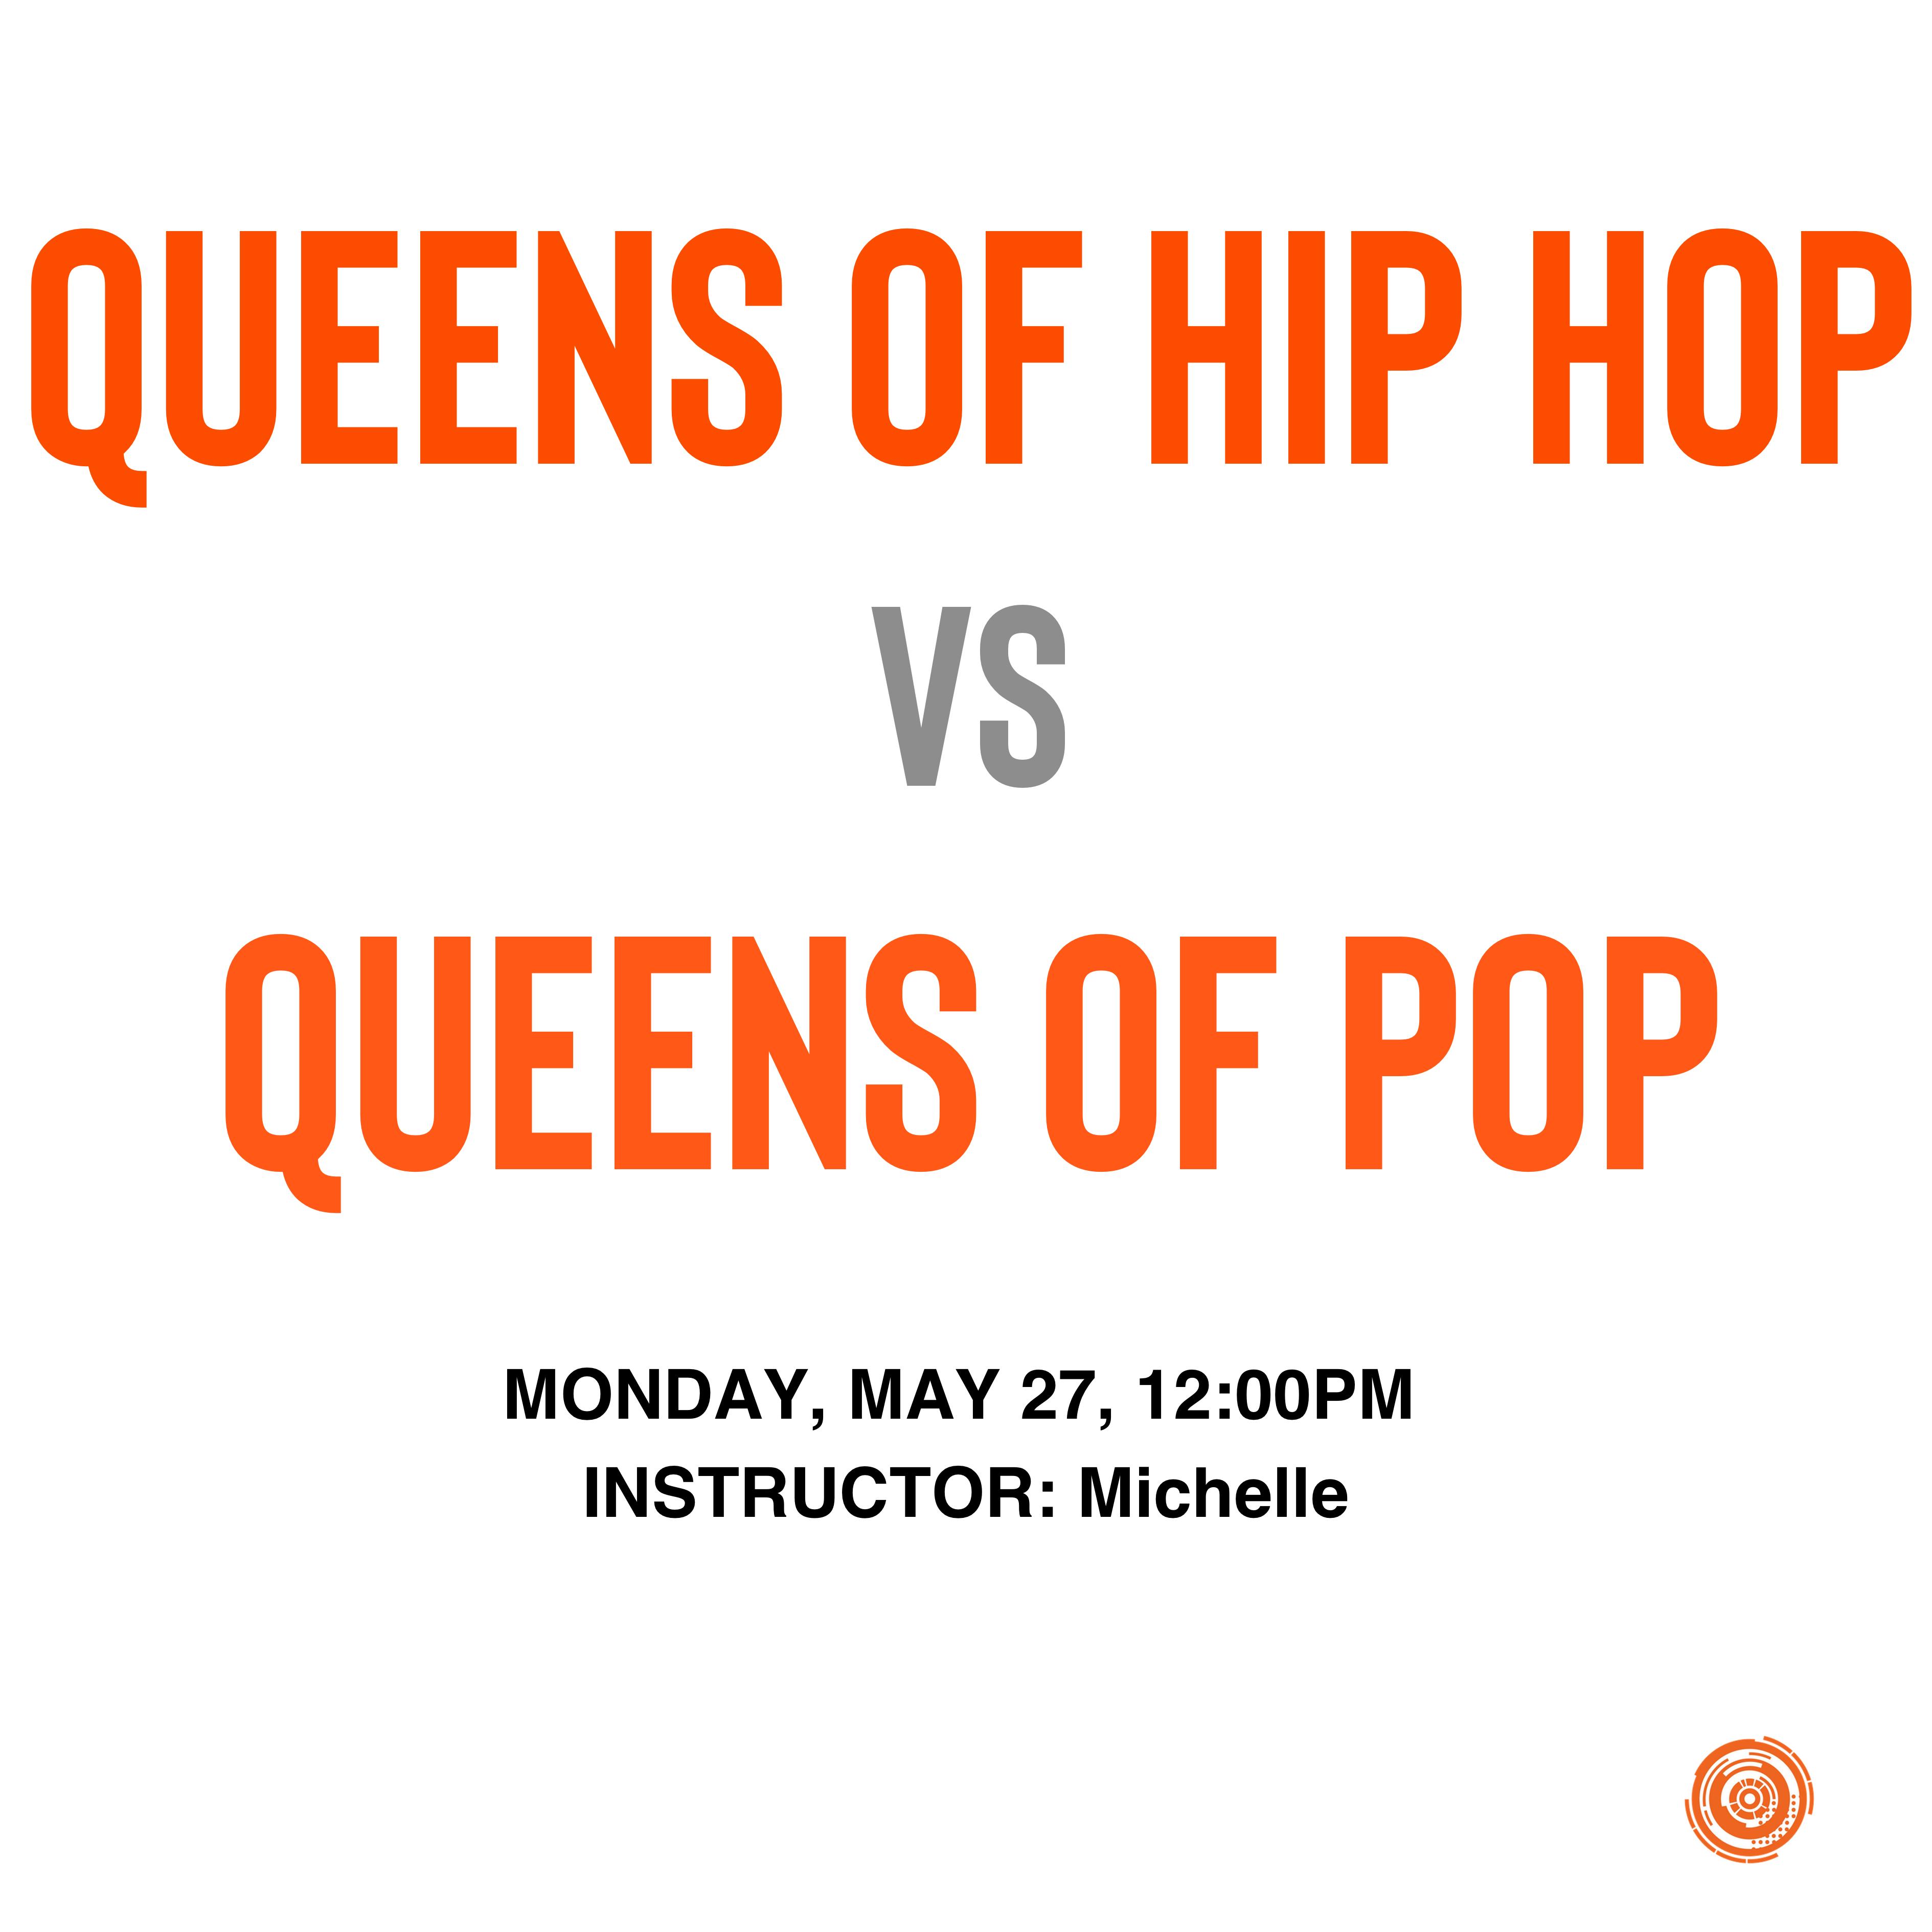 Queens of Hip Hop vs Queens of Pop